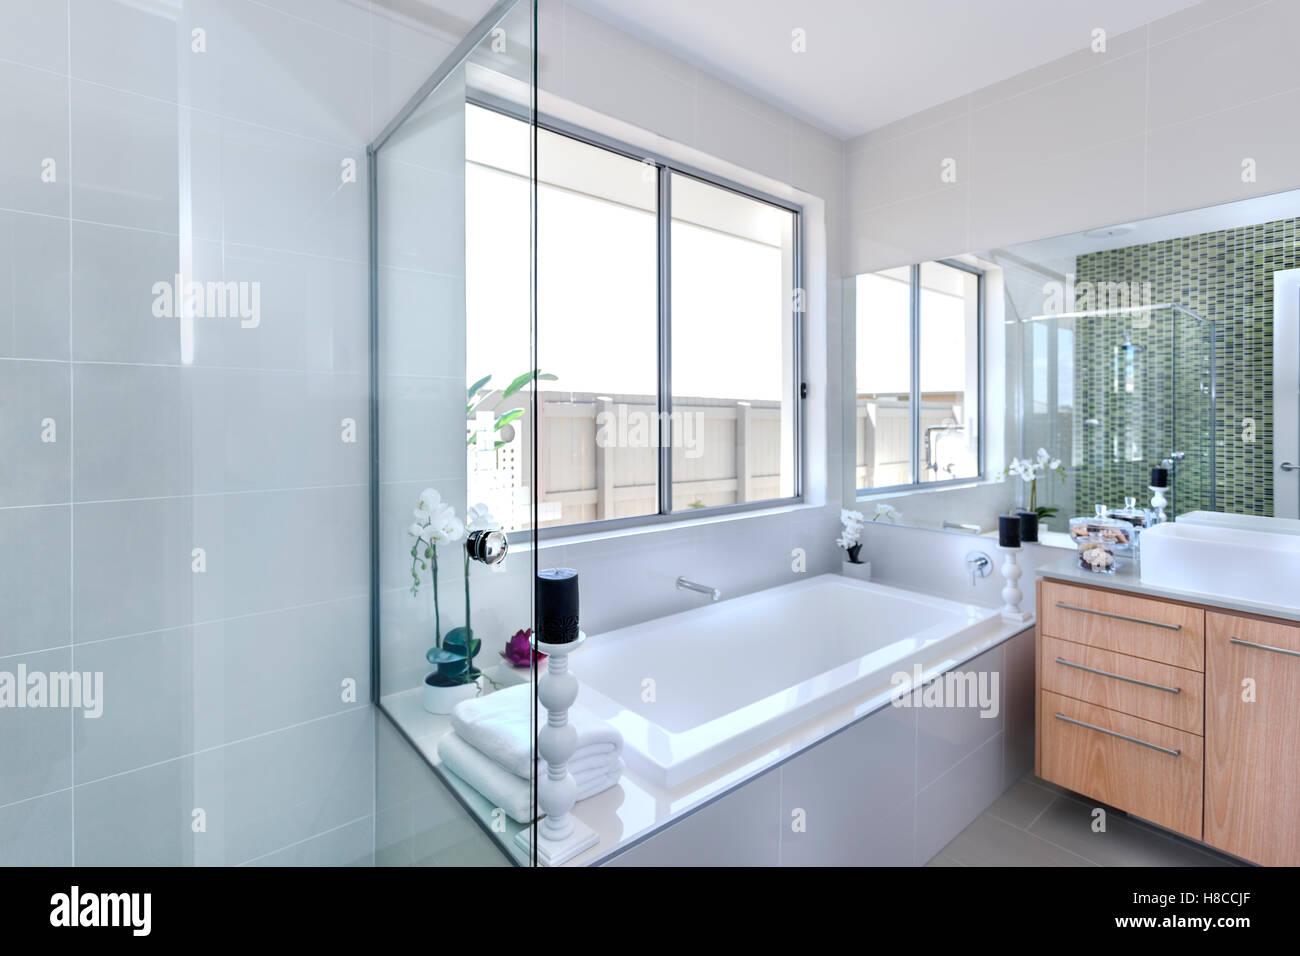 Vasca Da Bagno Nera : Bianco e vasca da bagno in camera con asciugamani pronti a servire